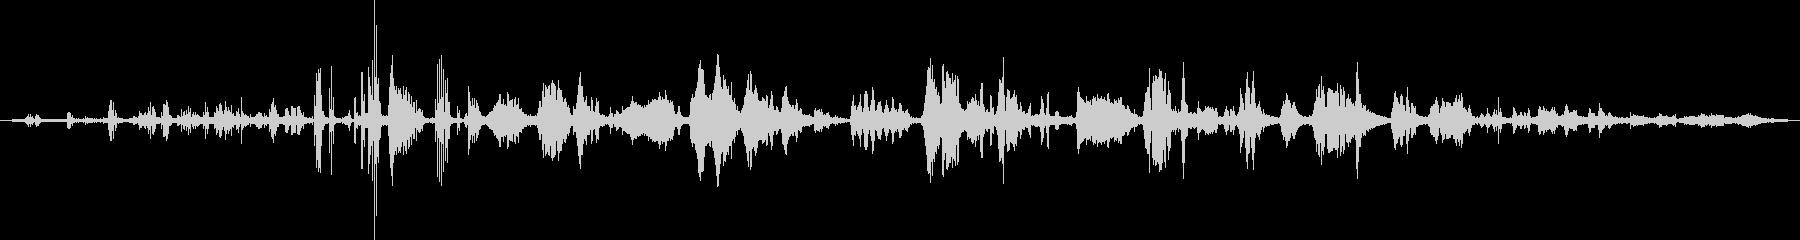 キビタキのケンカ(くるくる回りながら)の未再生の波形